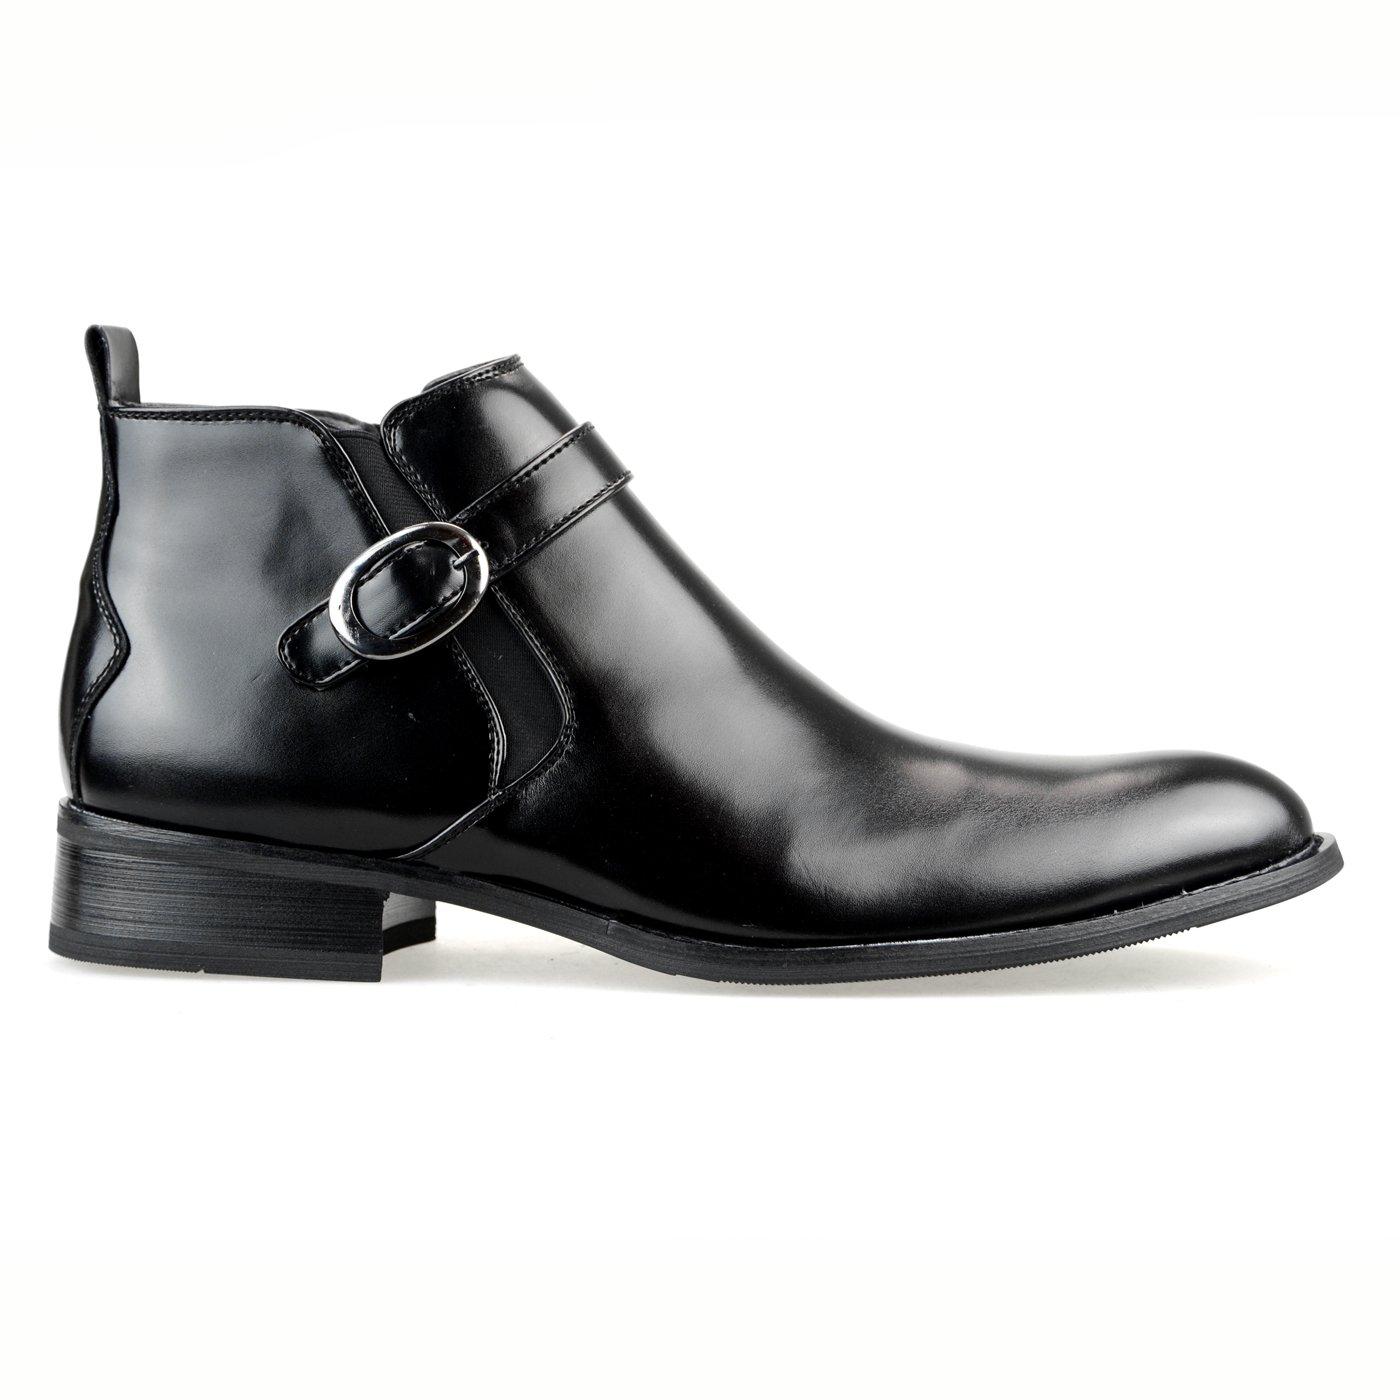 【11960円相当】 撥水加工 低反発 45組から選べる2足セット ビジネスシューズ ビジネスブーツ ショートブーツ ビジネス メンズ 靴 紳士靴 福袋 2018 [ エムエムワン ] MM/ONE 【AZF30B】 B01G6CMFZI 27.5 cm 3E|Cブラック+Dブラック Cブラック+Dブラック 27.5 cm 3E